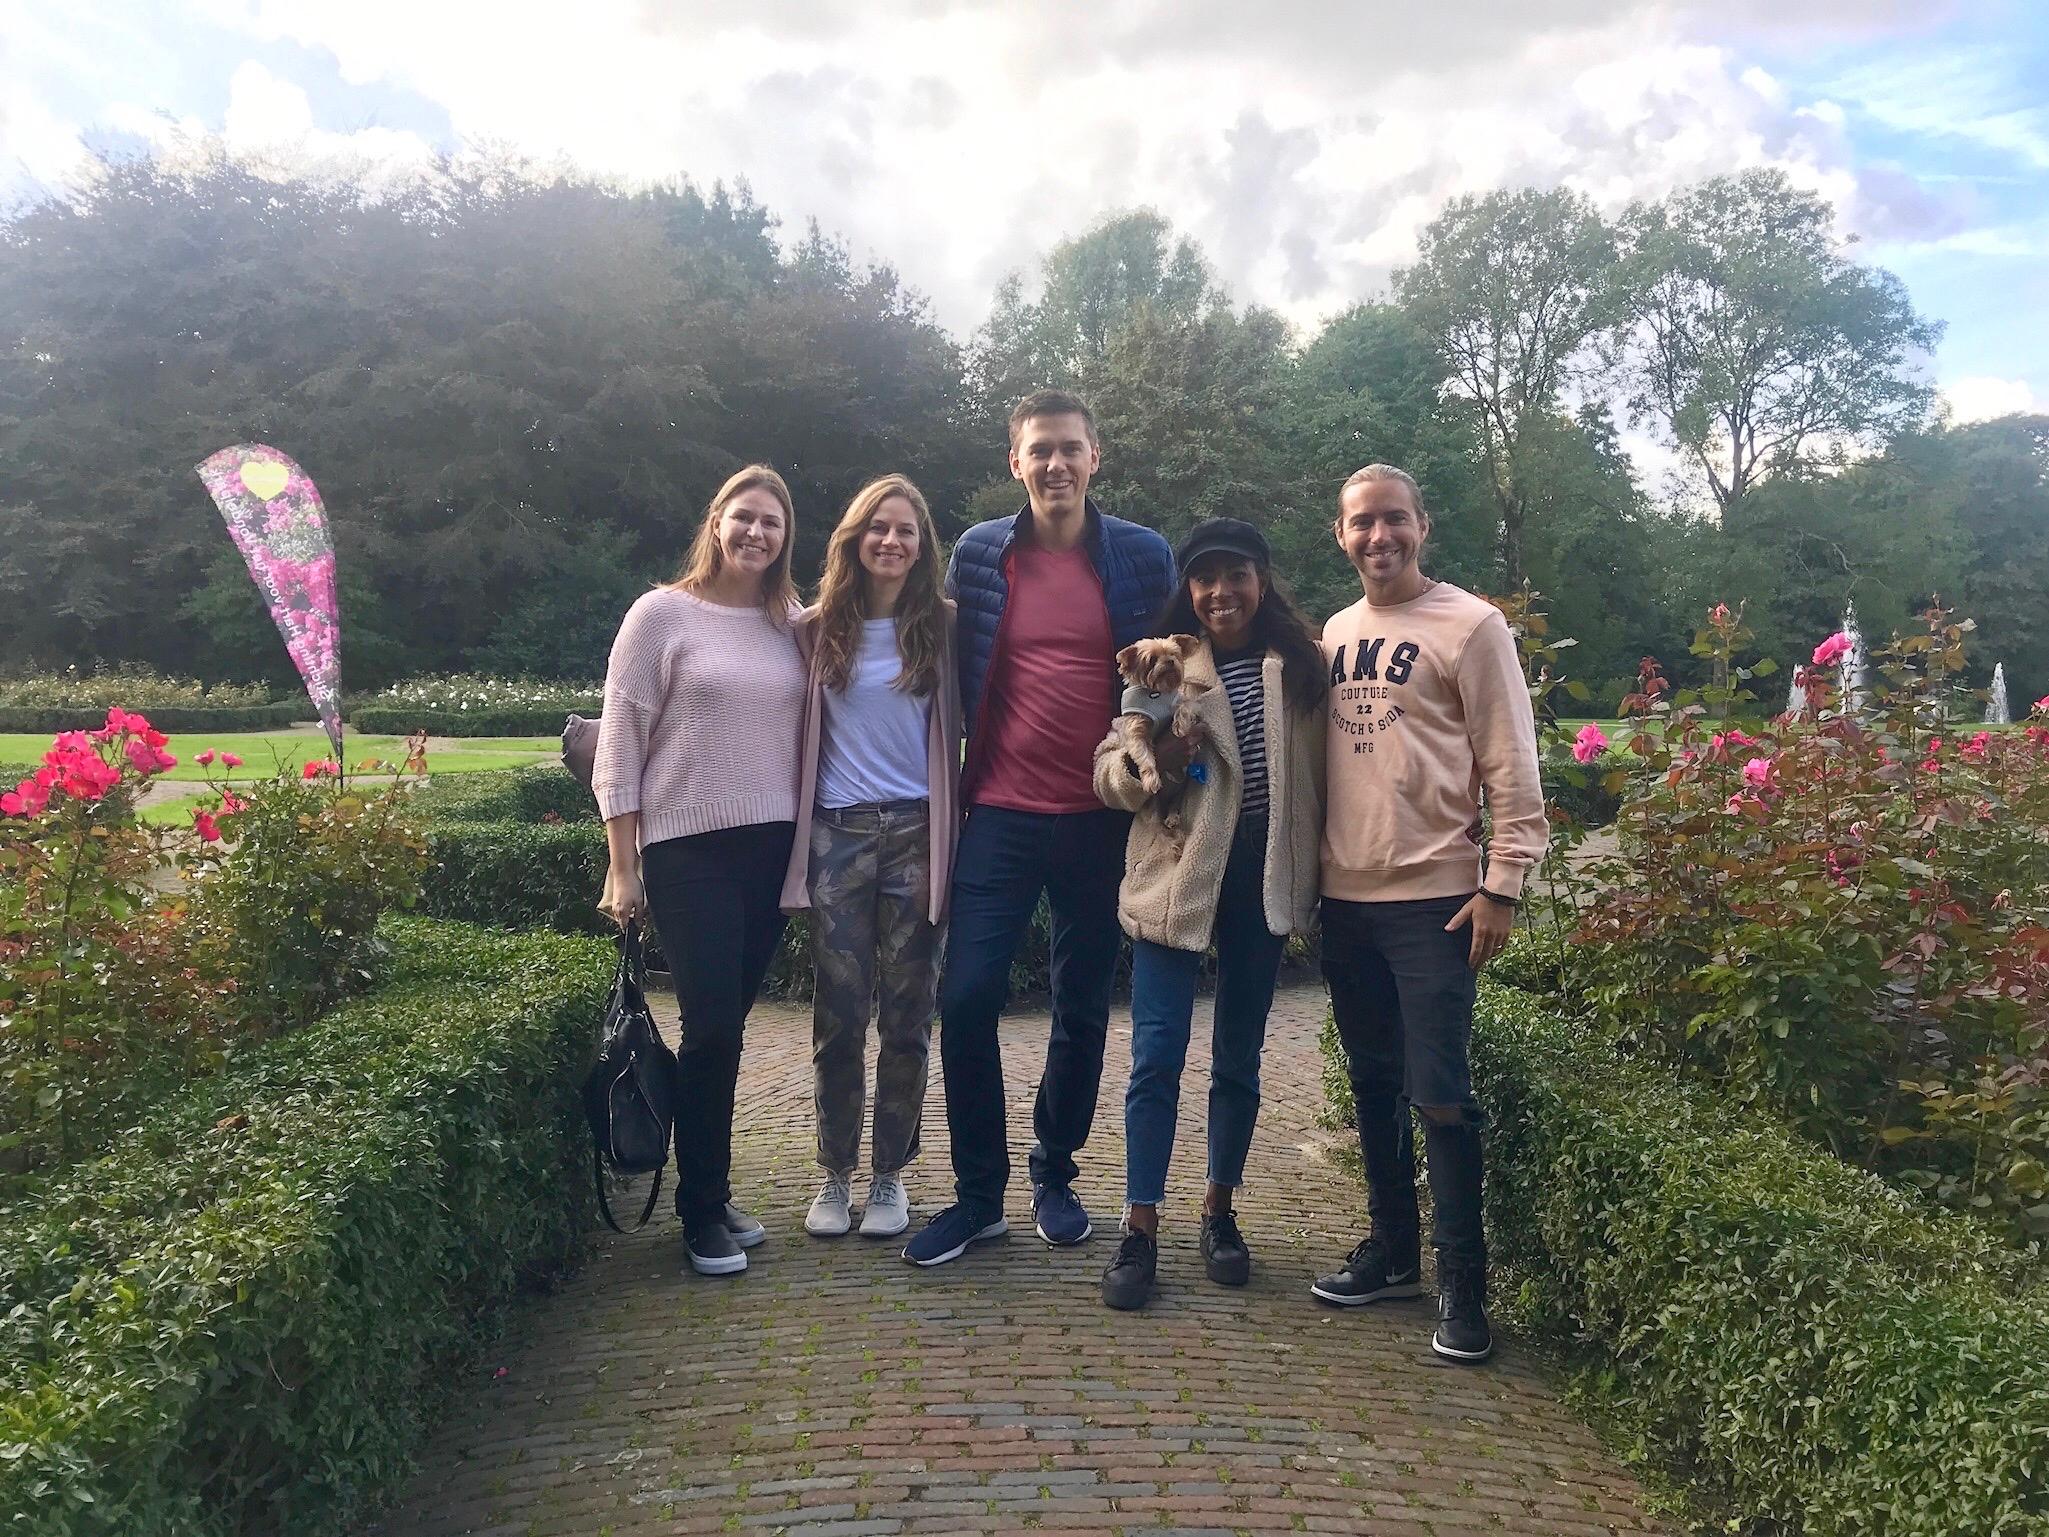 Schuyler, Jordan, James, & Friends (Amsterdam)